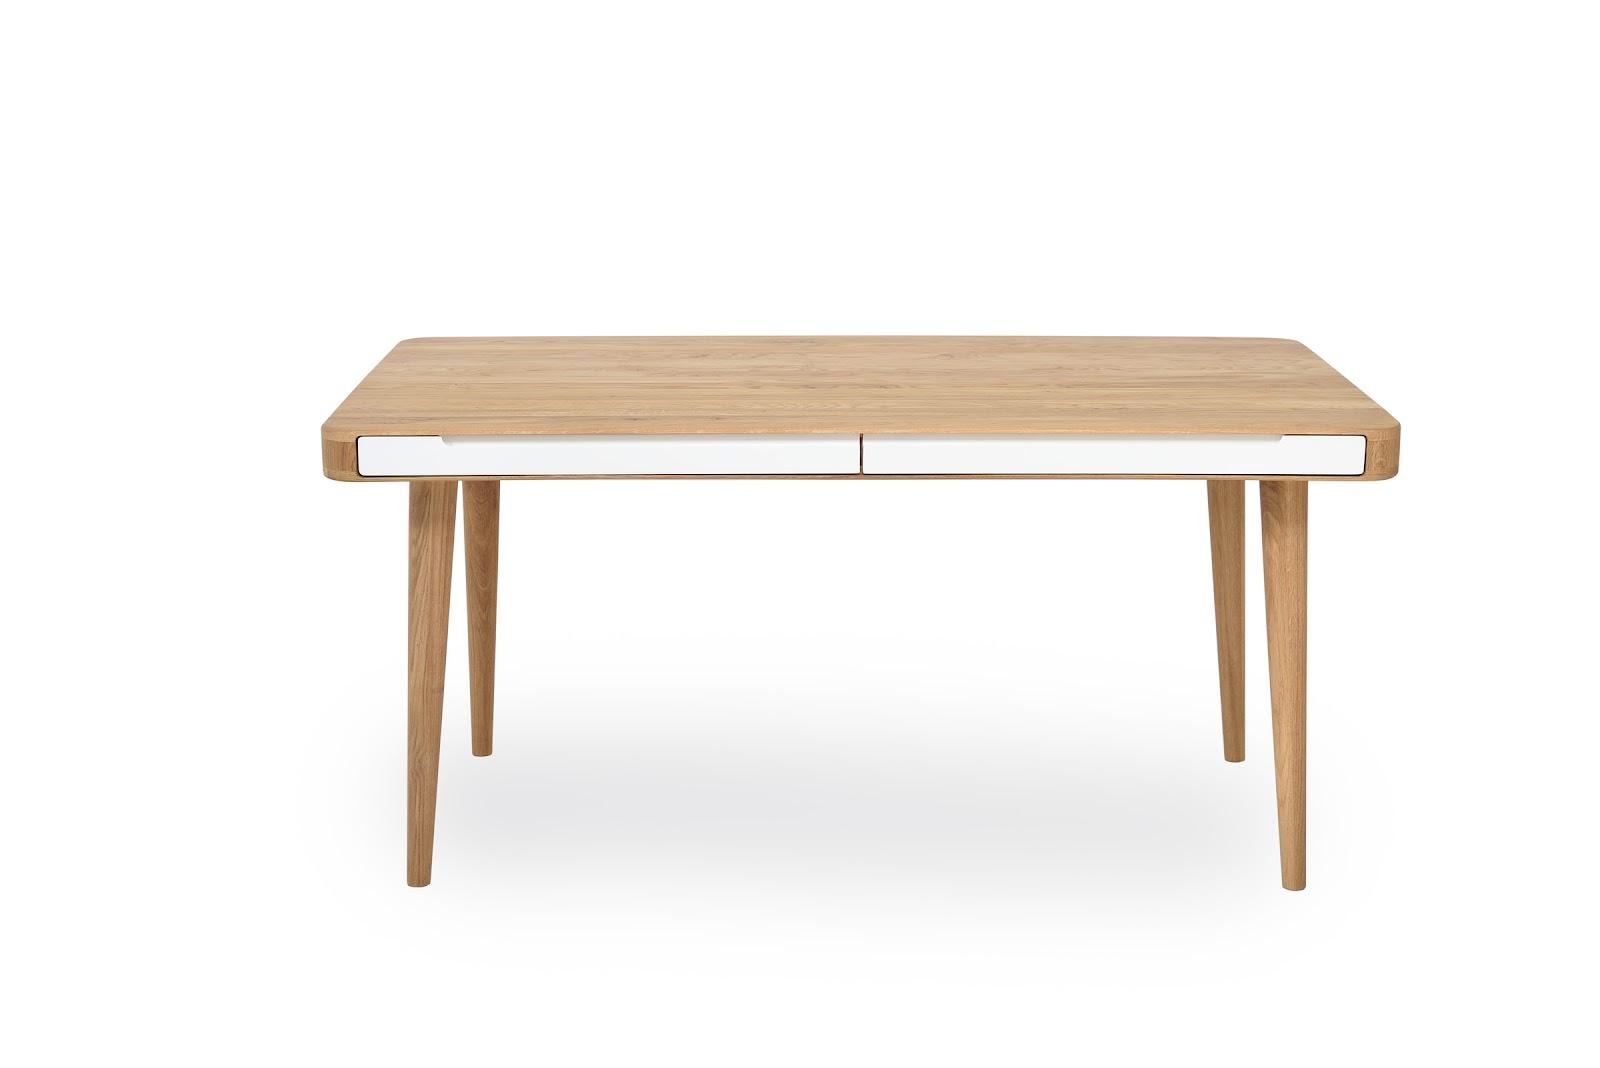 Ena bureau tafel noordkaap meubelen for Runescape exp table 1 99